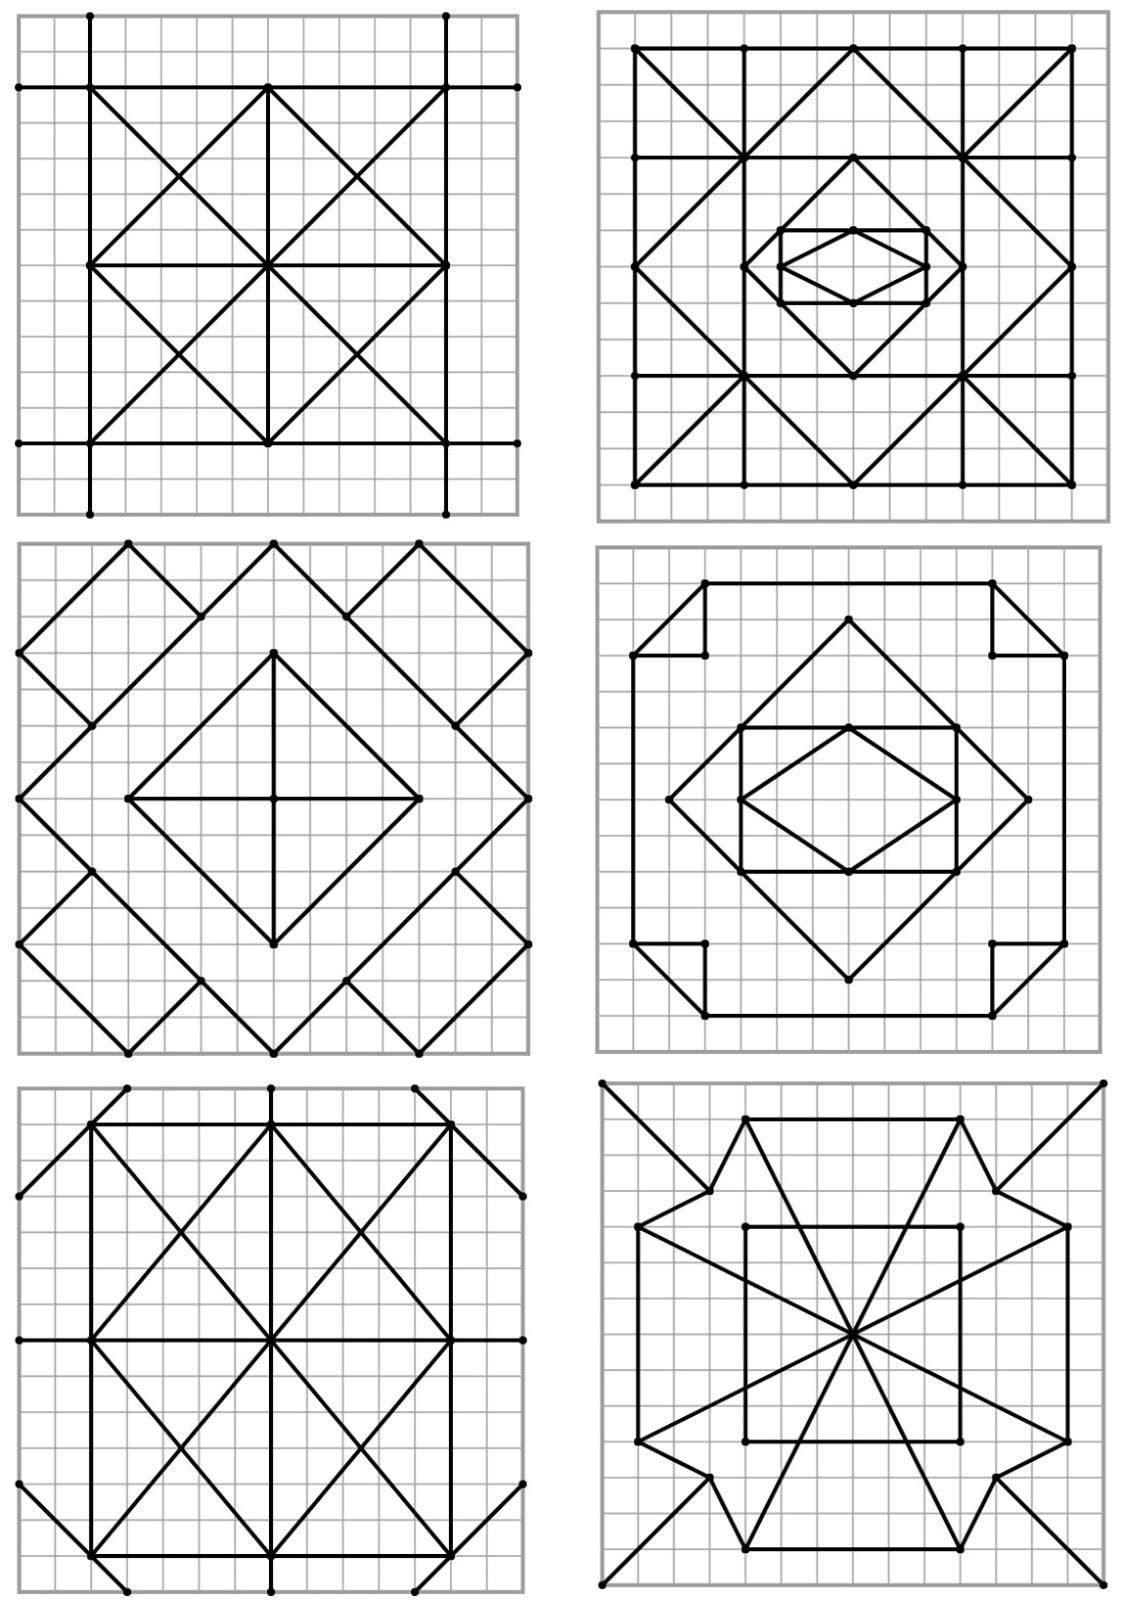 Remue Méninge: Reproduction De Figures Géométriques intérieur Reproduction De Figures Sur Quadrillage